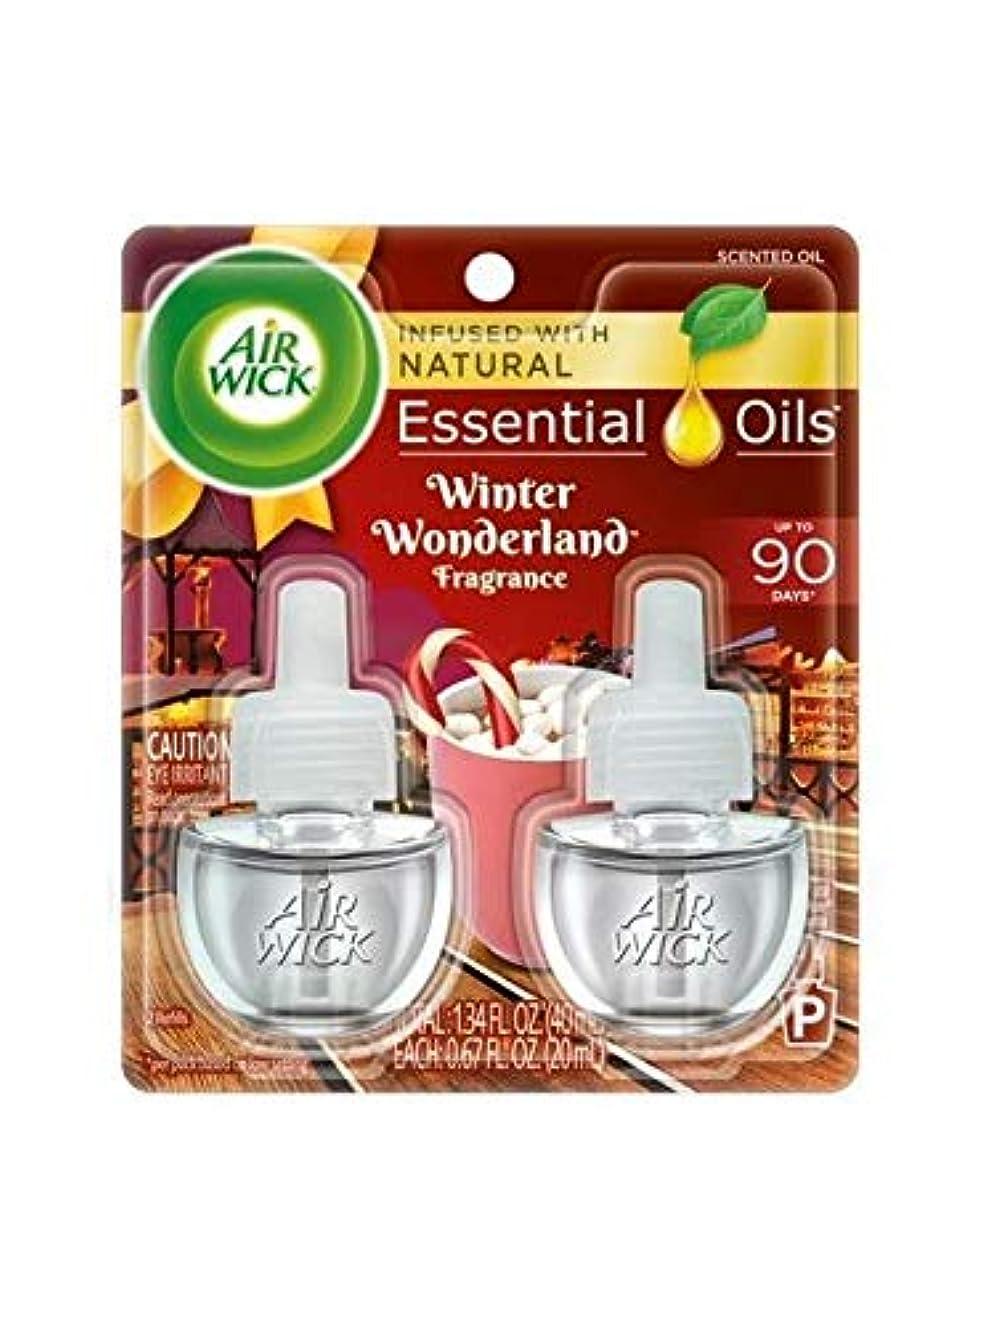 穏やかな磁石ドアミラー【Air Wick/エアーウィック】 プラグインオイル詰替えリフィル(2個入り) ウィンターワンダーランド Air Wick Scented Oil Twin Refill Winter Wonderland (2X.67) Oz. [並行輸入品]